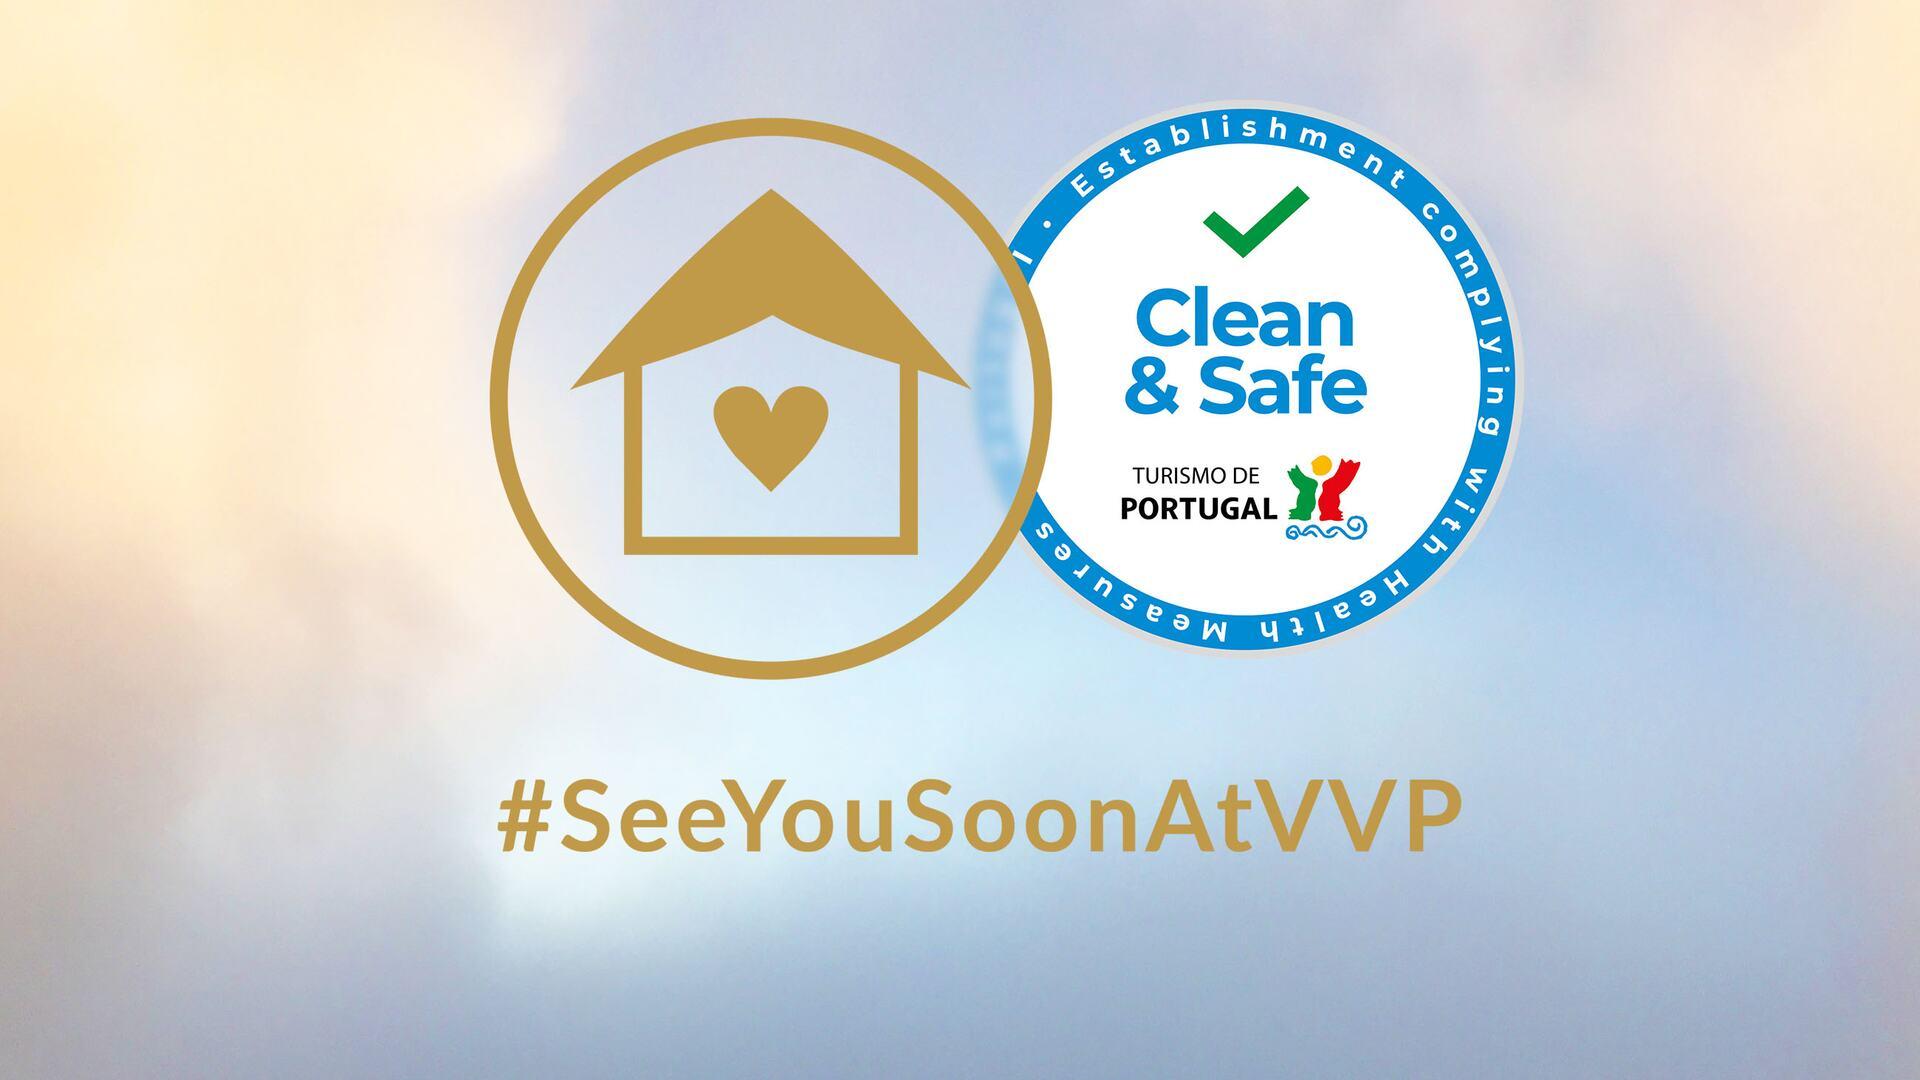 See you soon at VILA VITA Parc